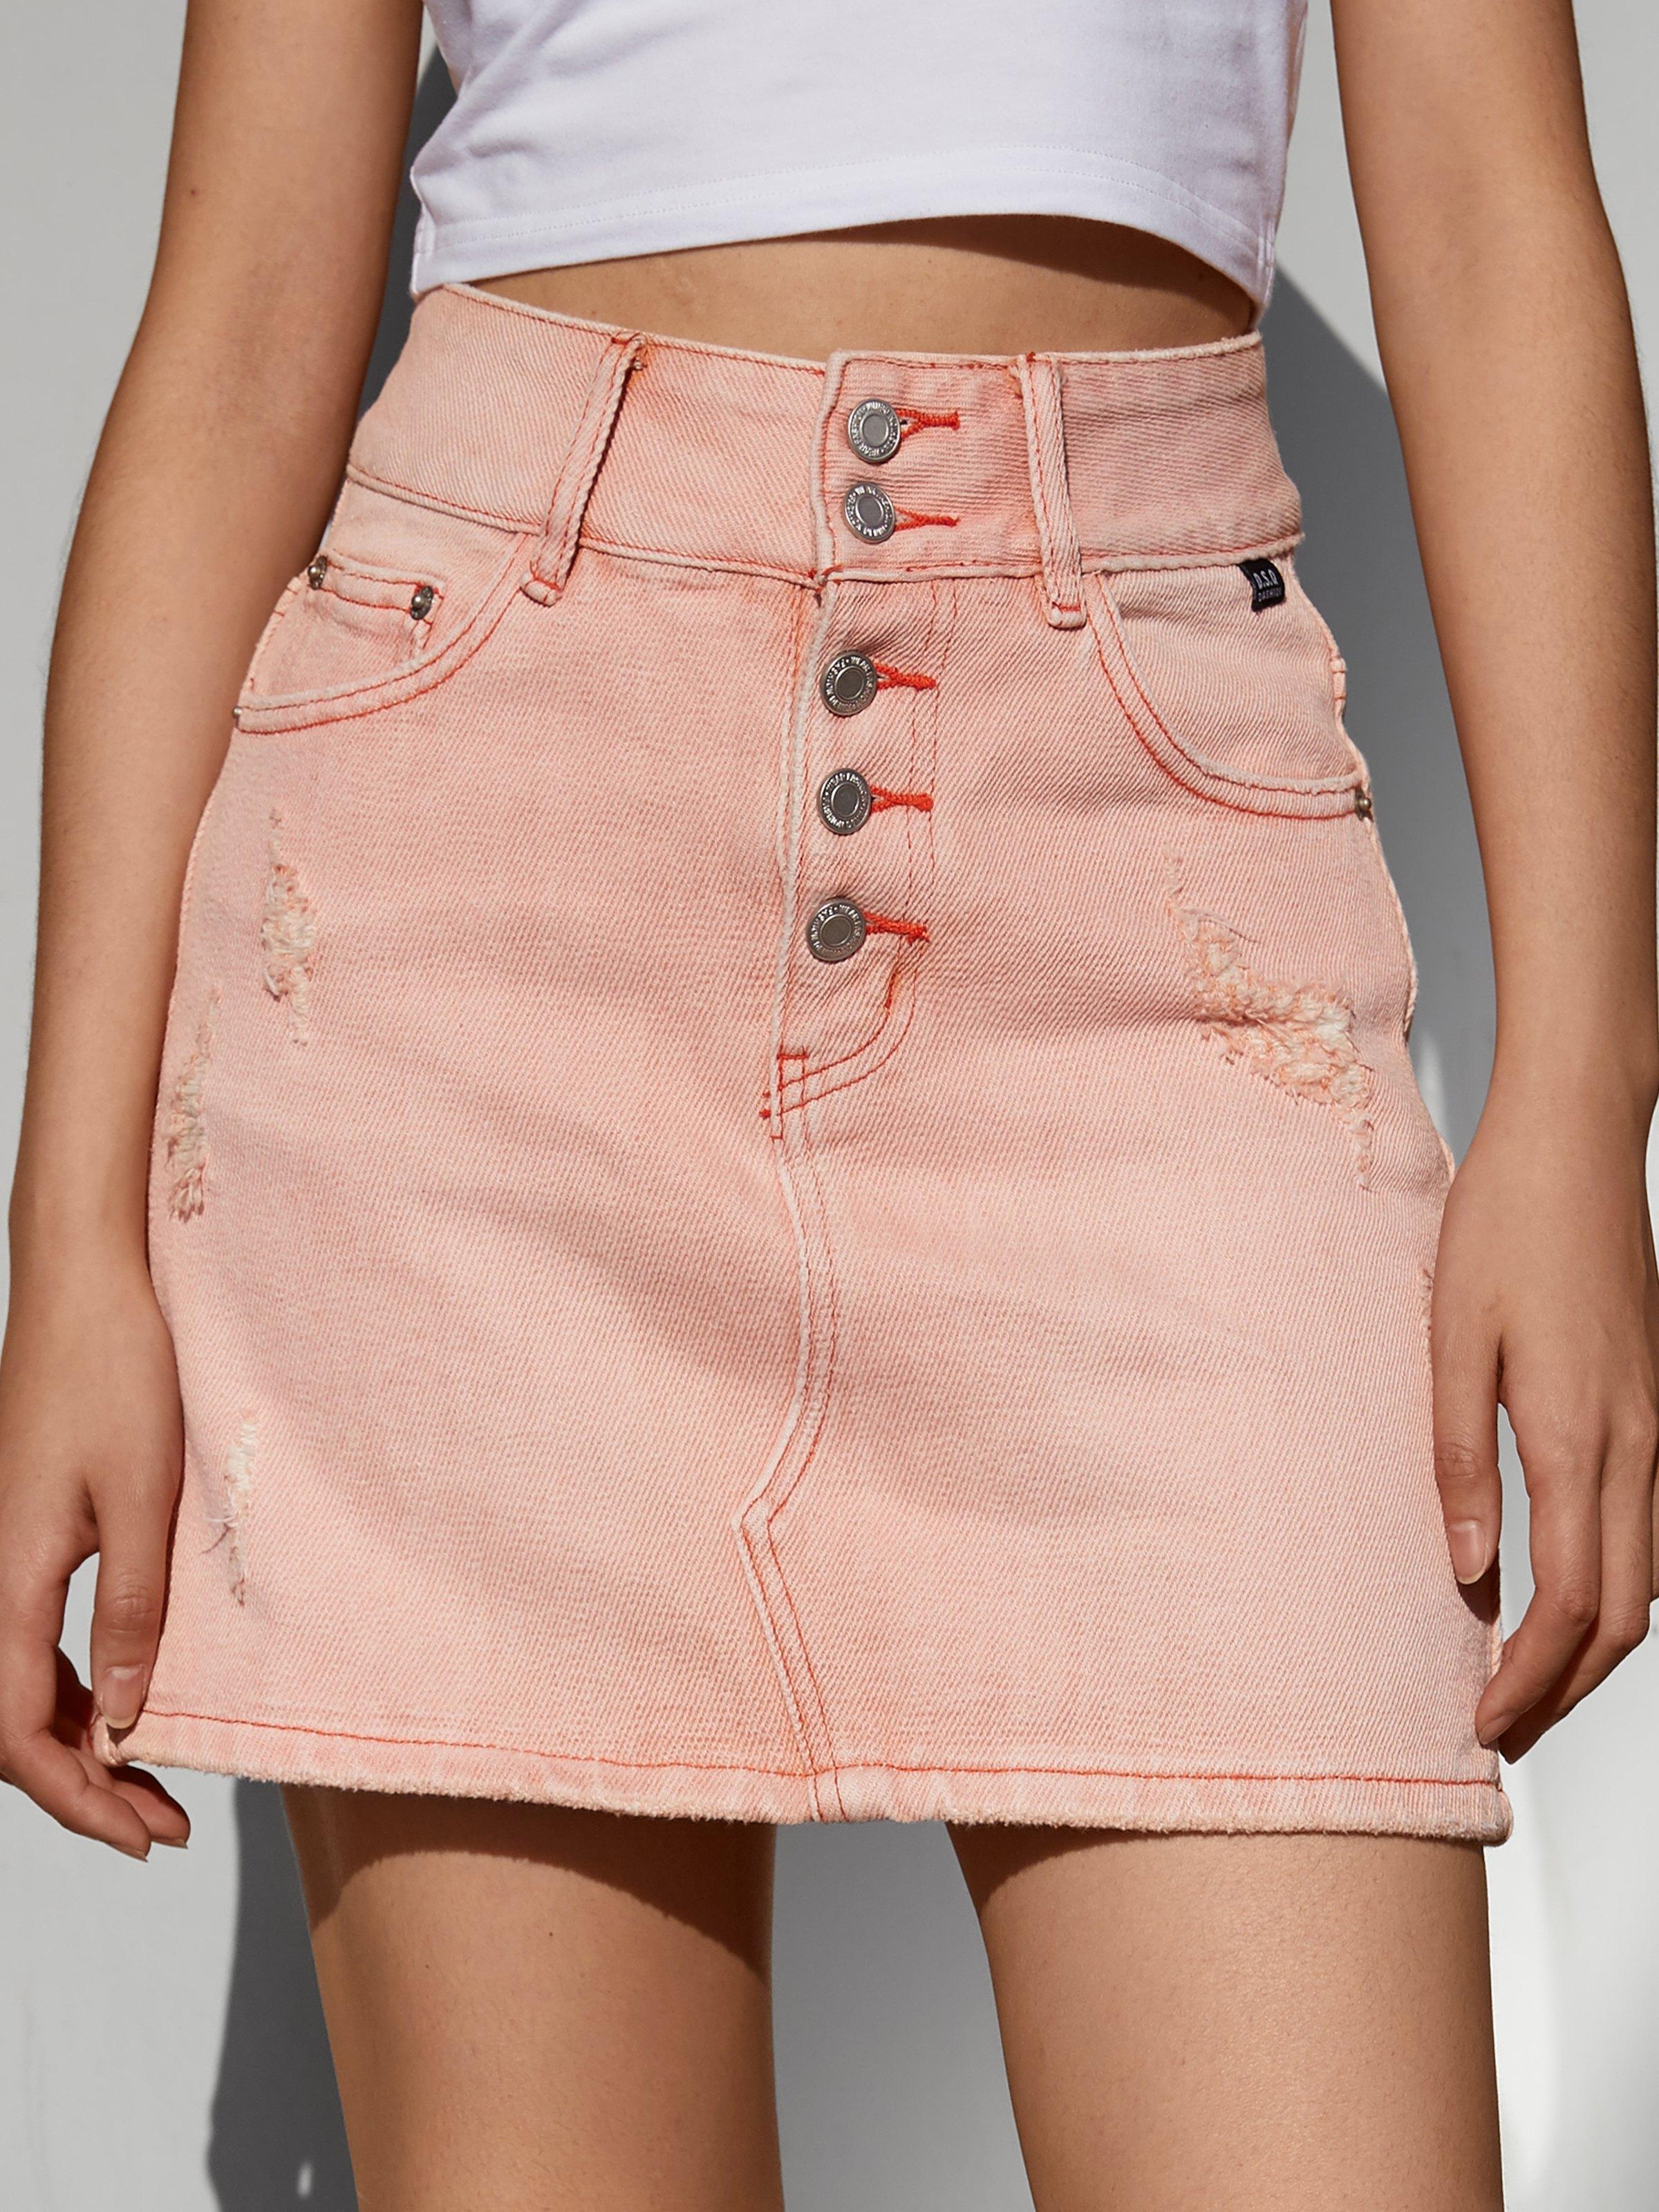 Distressed Buttoned Denim Mini Skirt - Pink L